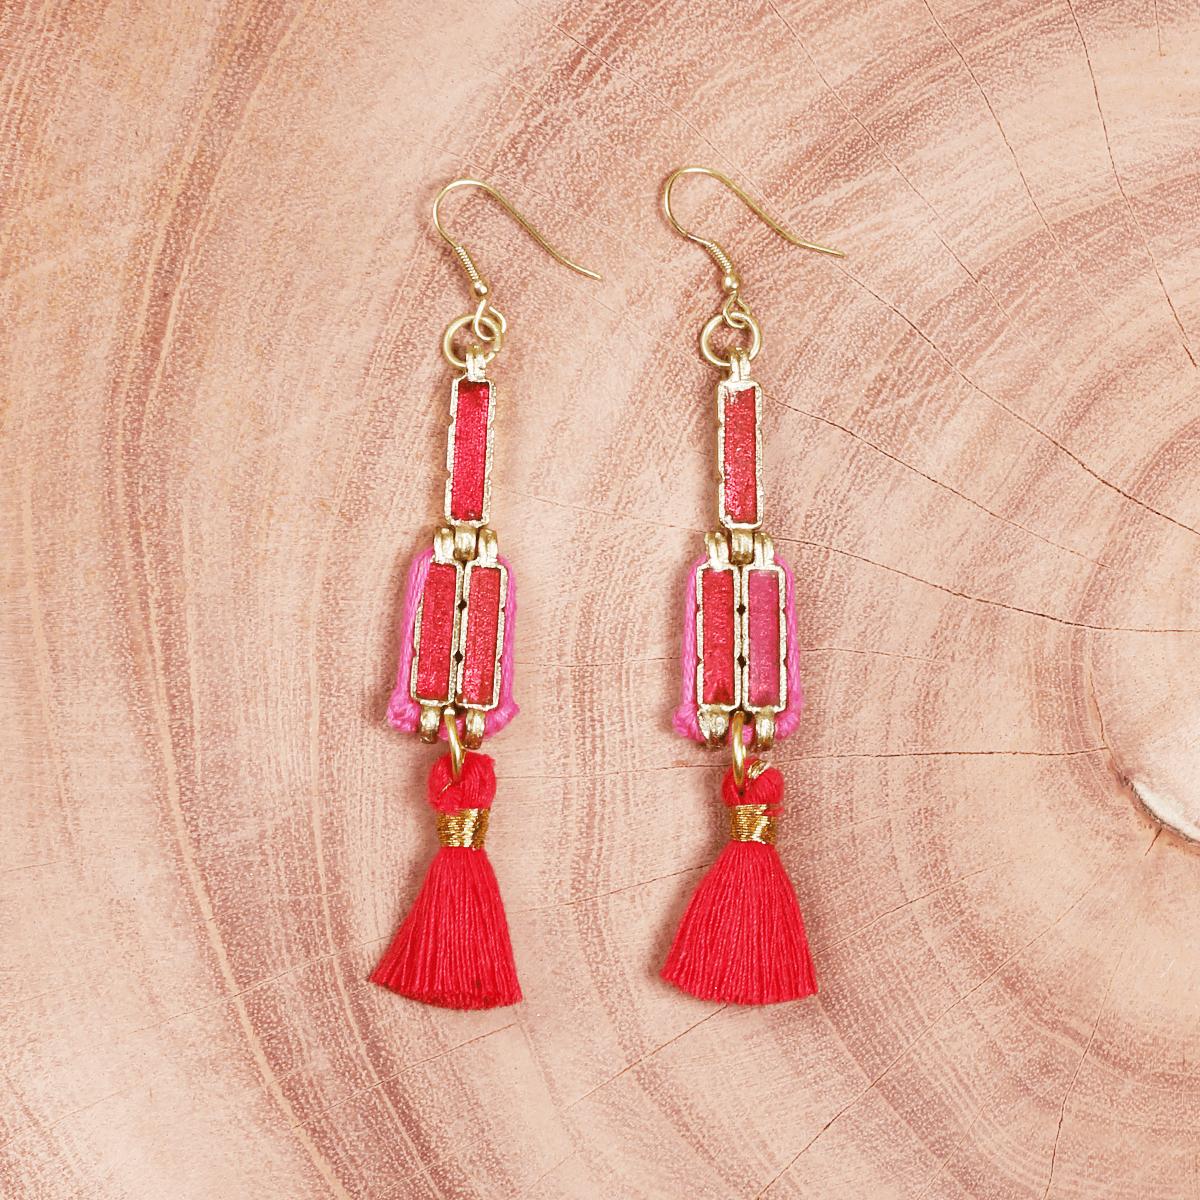 Red tassel and metal handmade earrings